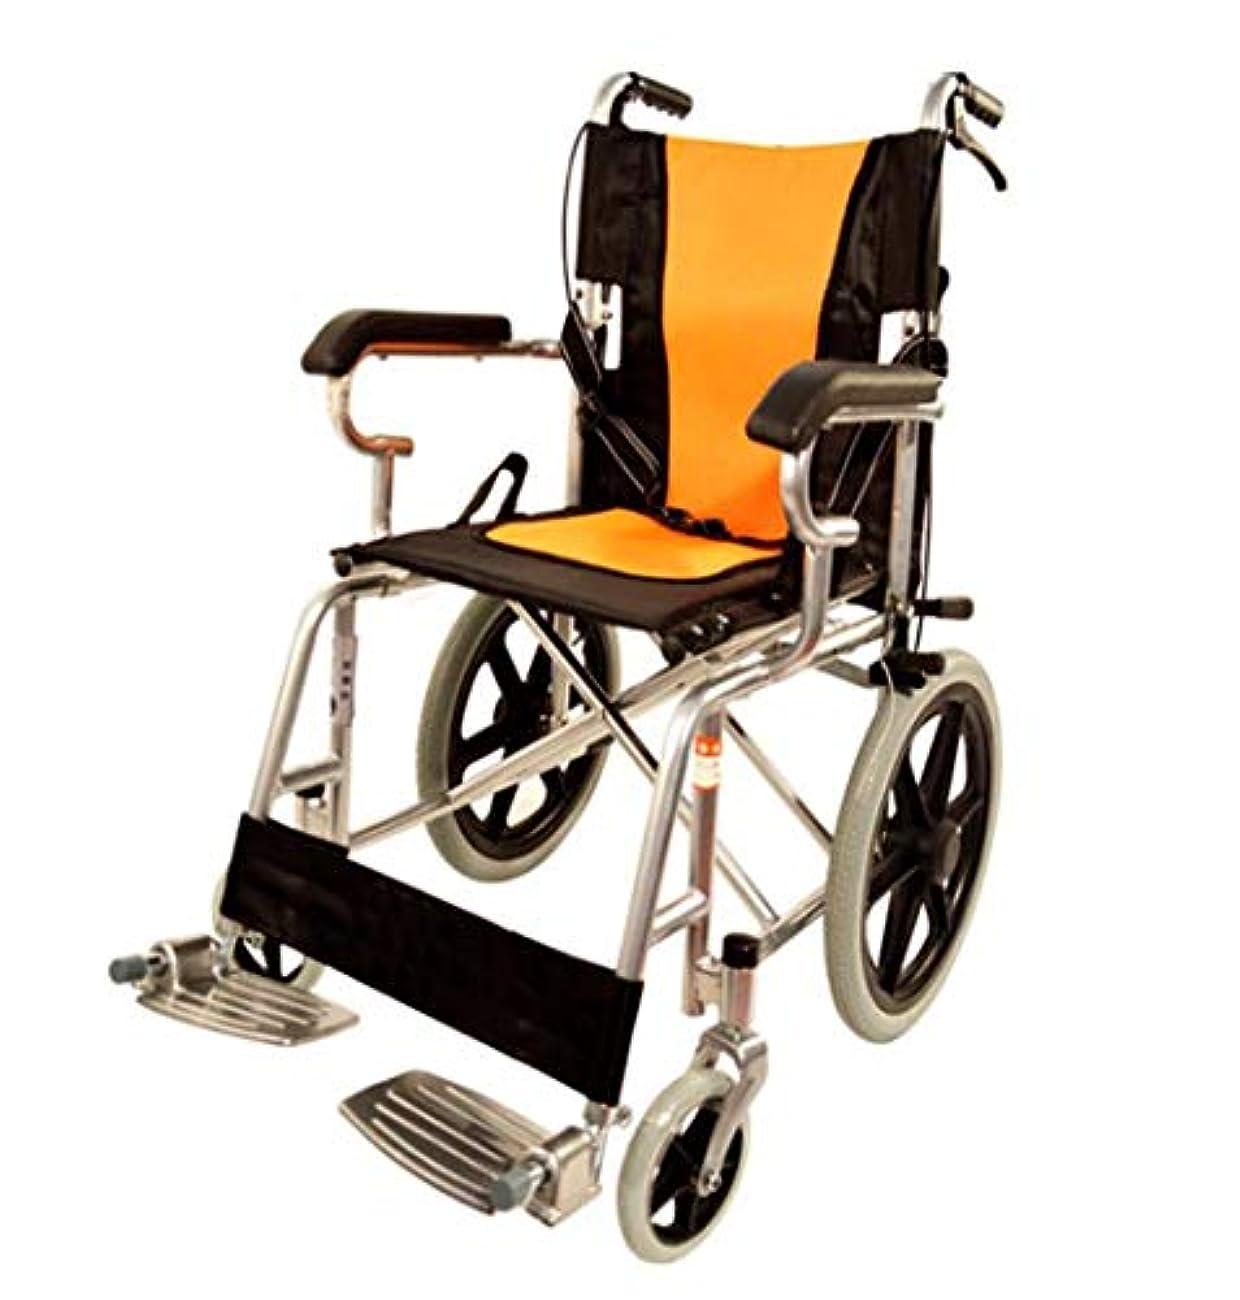 孤児曇った魅了する手動車椅子折り畳み式ポータブル高齢者車椅子厚手無効車椅子3D高通気性抗Anti瘡生地ソリッドスノータイヤ